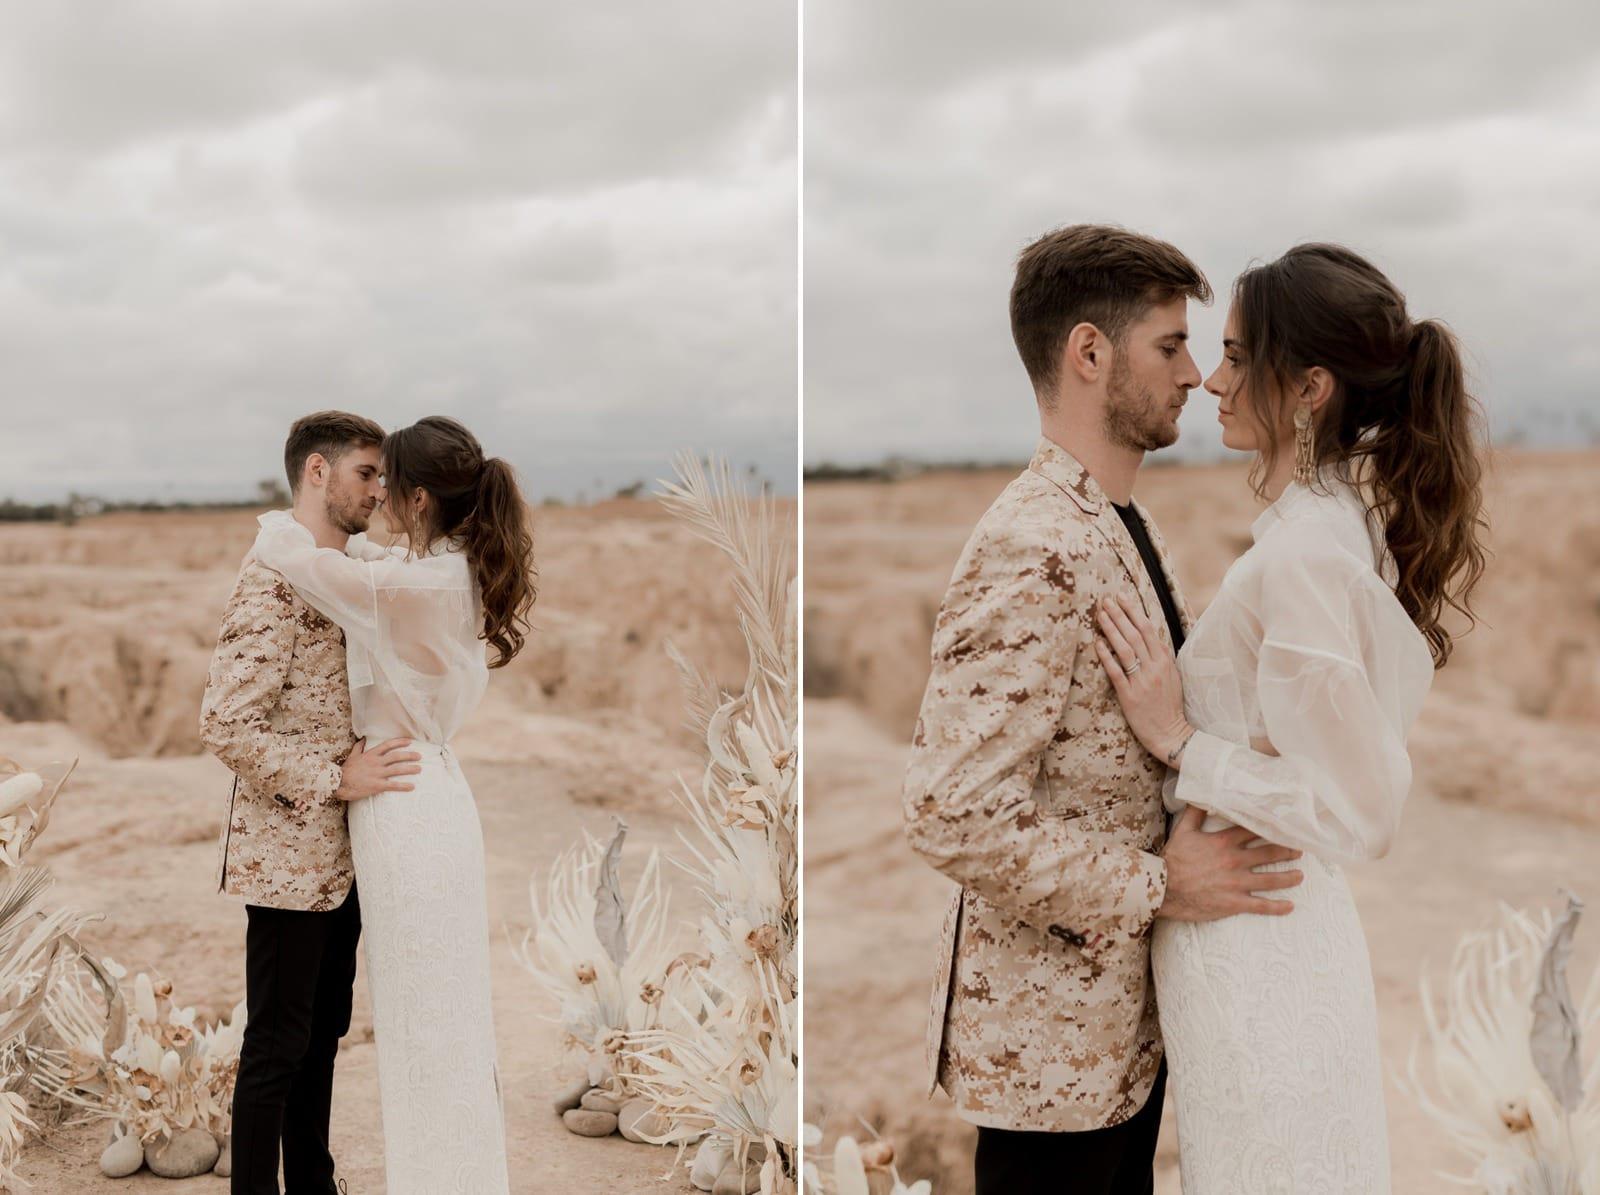 photographe et vidéaste elopement maroc